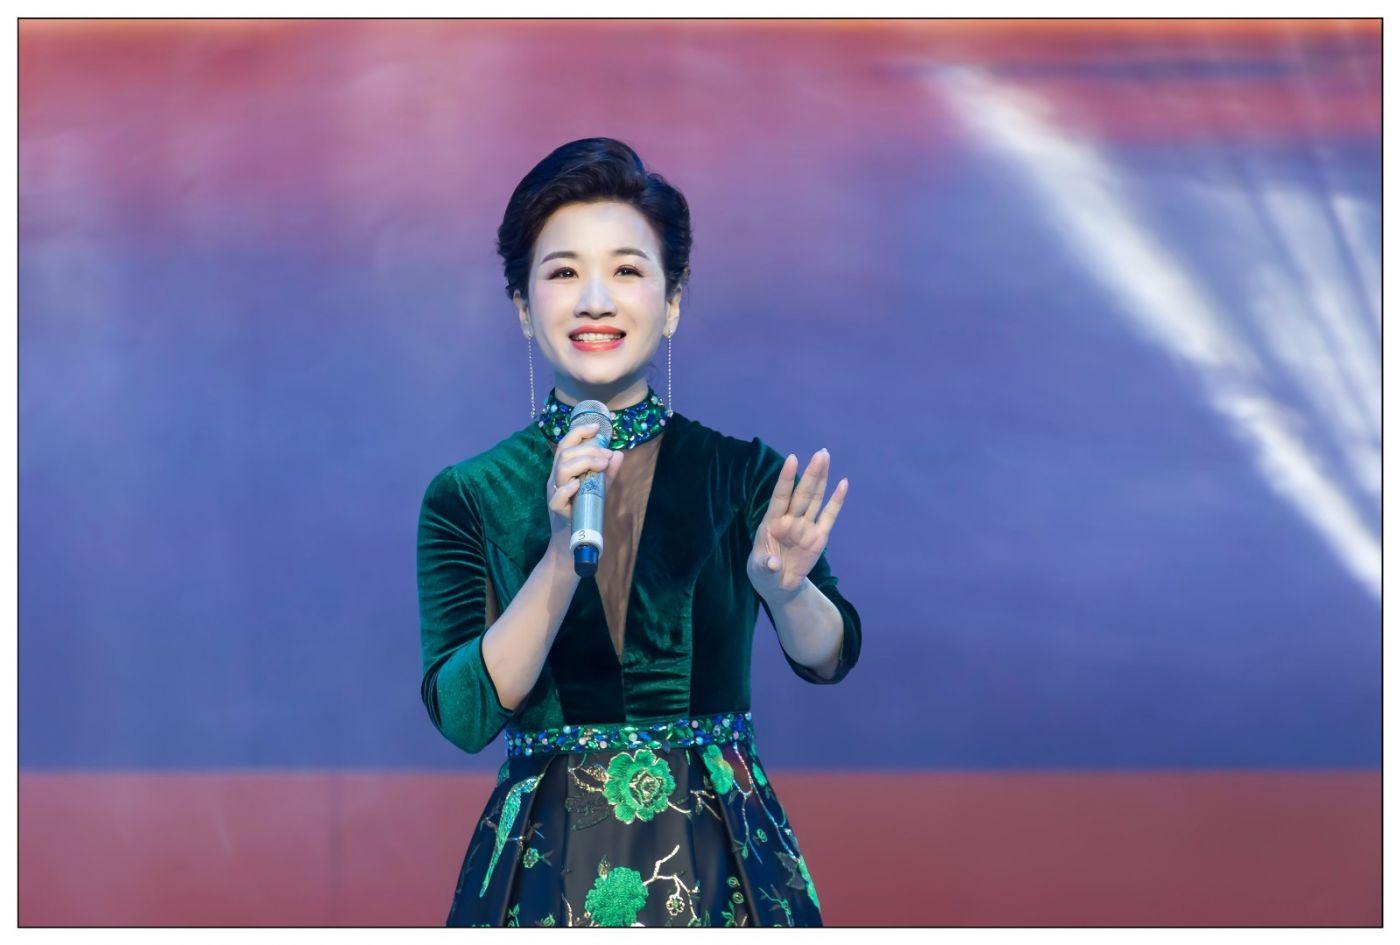 又见星光大道冠军歌手张海军 1月26央视播出 将自己唱哭的歌手 ..._图1-4